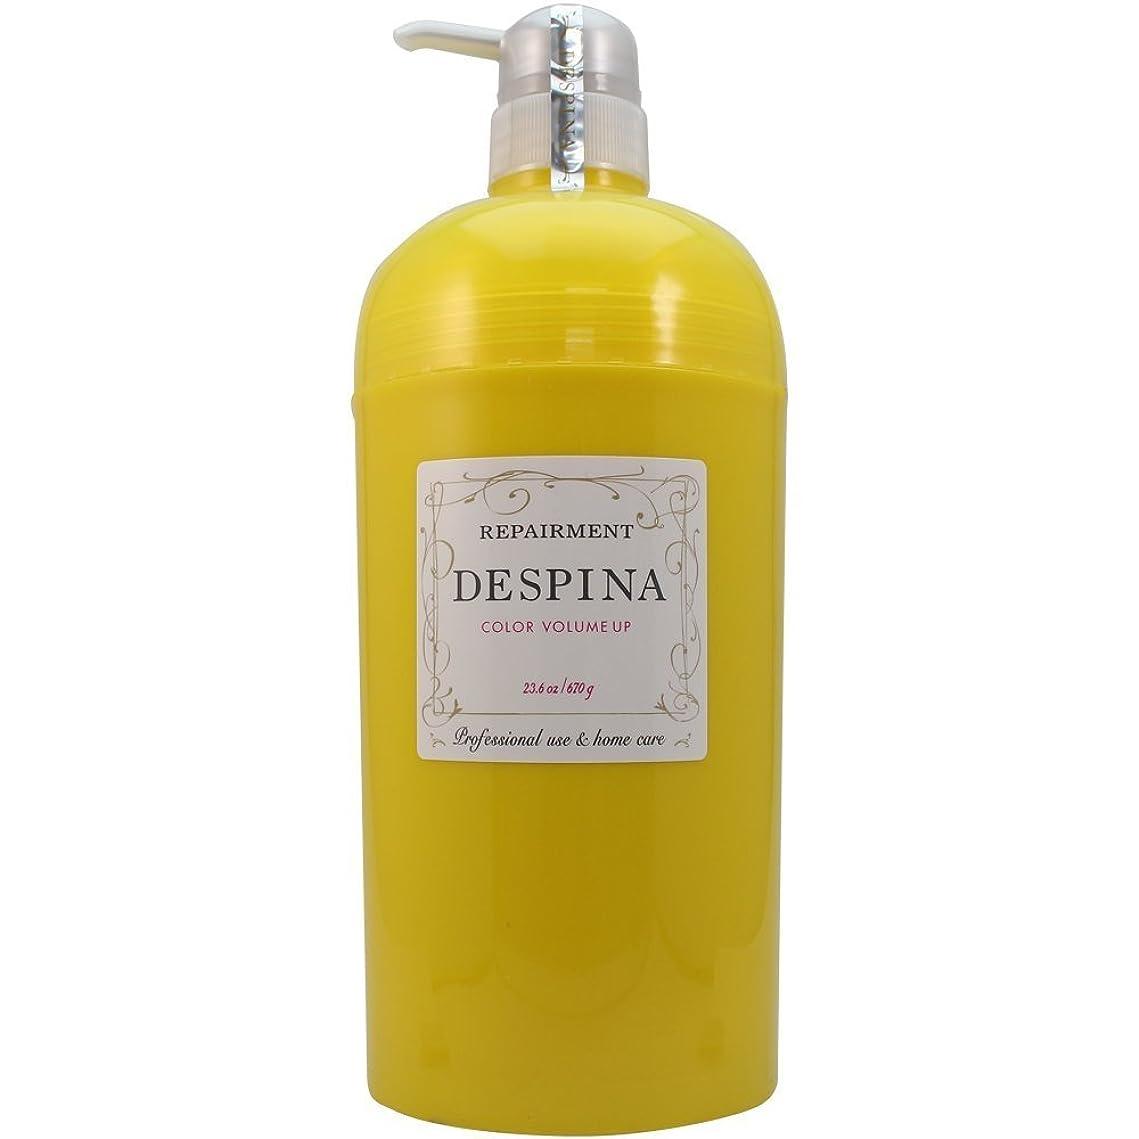 植生皮肉なオーナメント中野製薬 デスピナ リペアメント カラー ボリュームアップ 670g